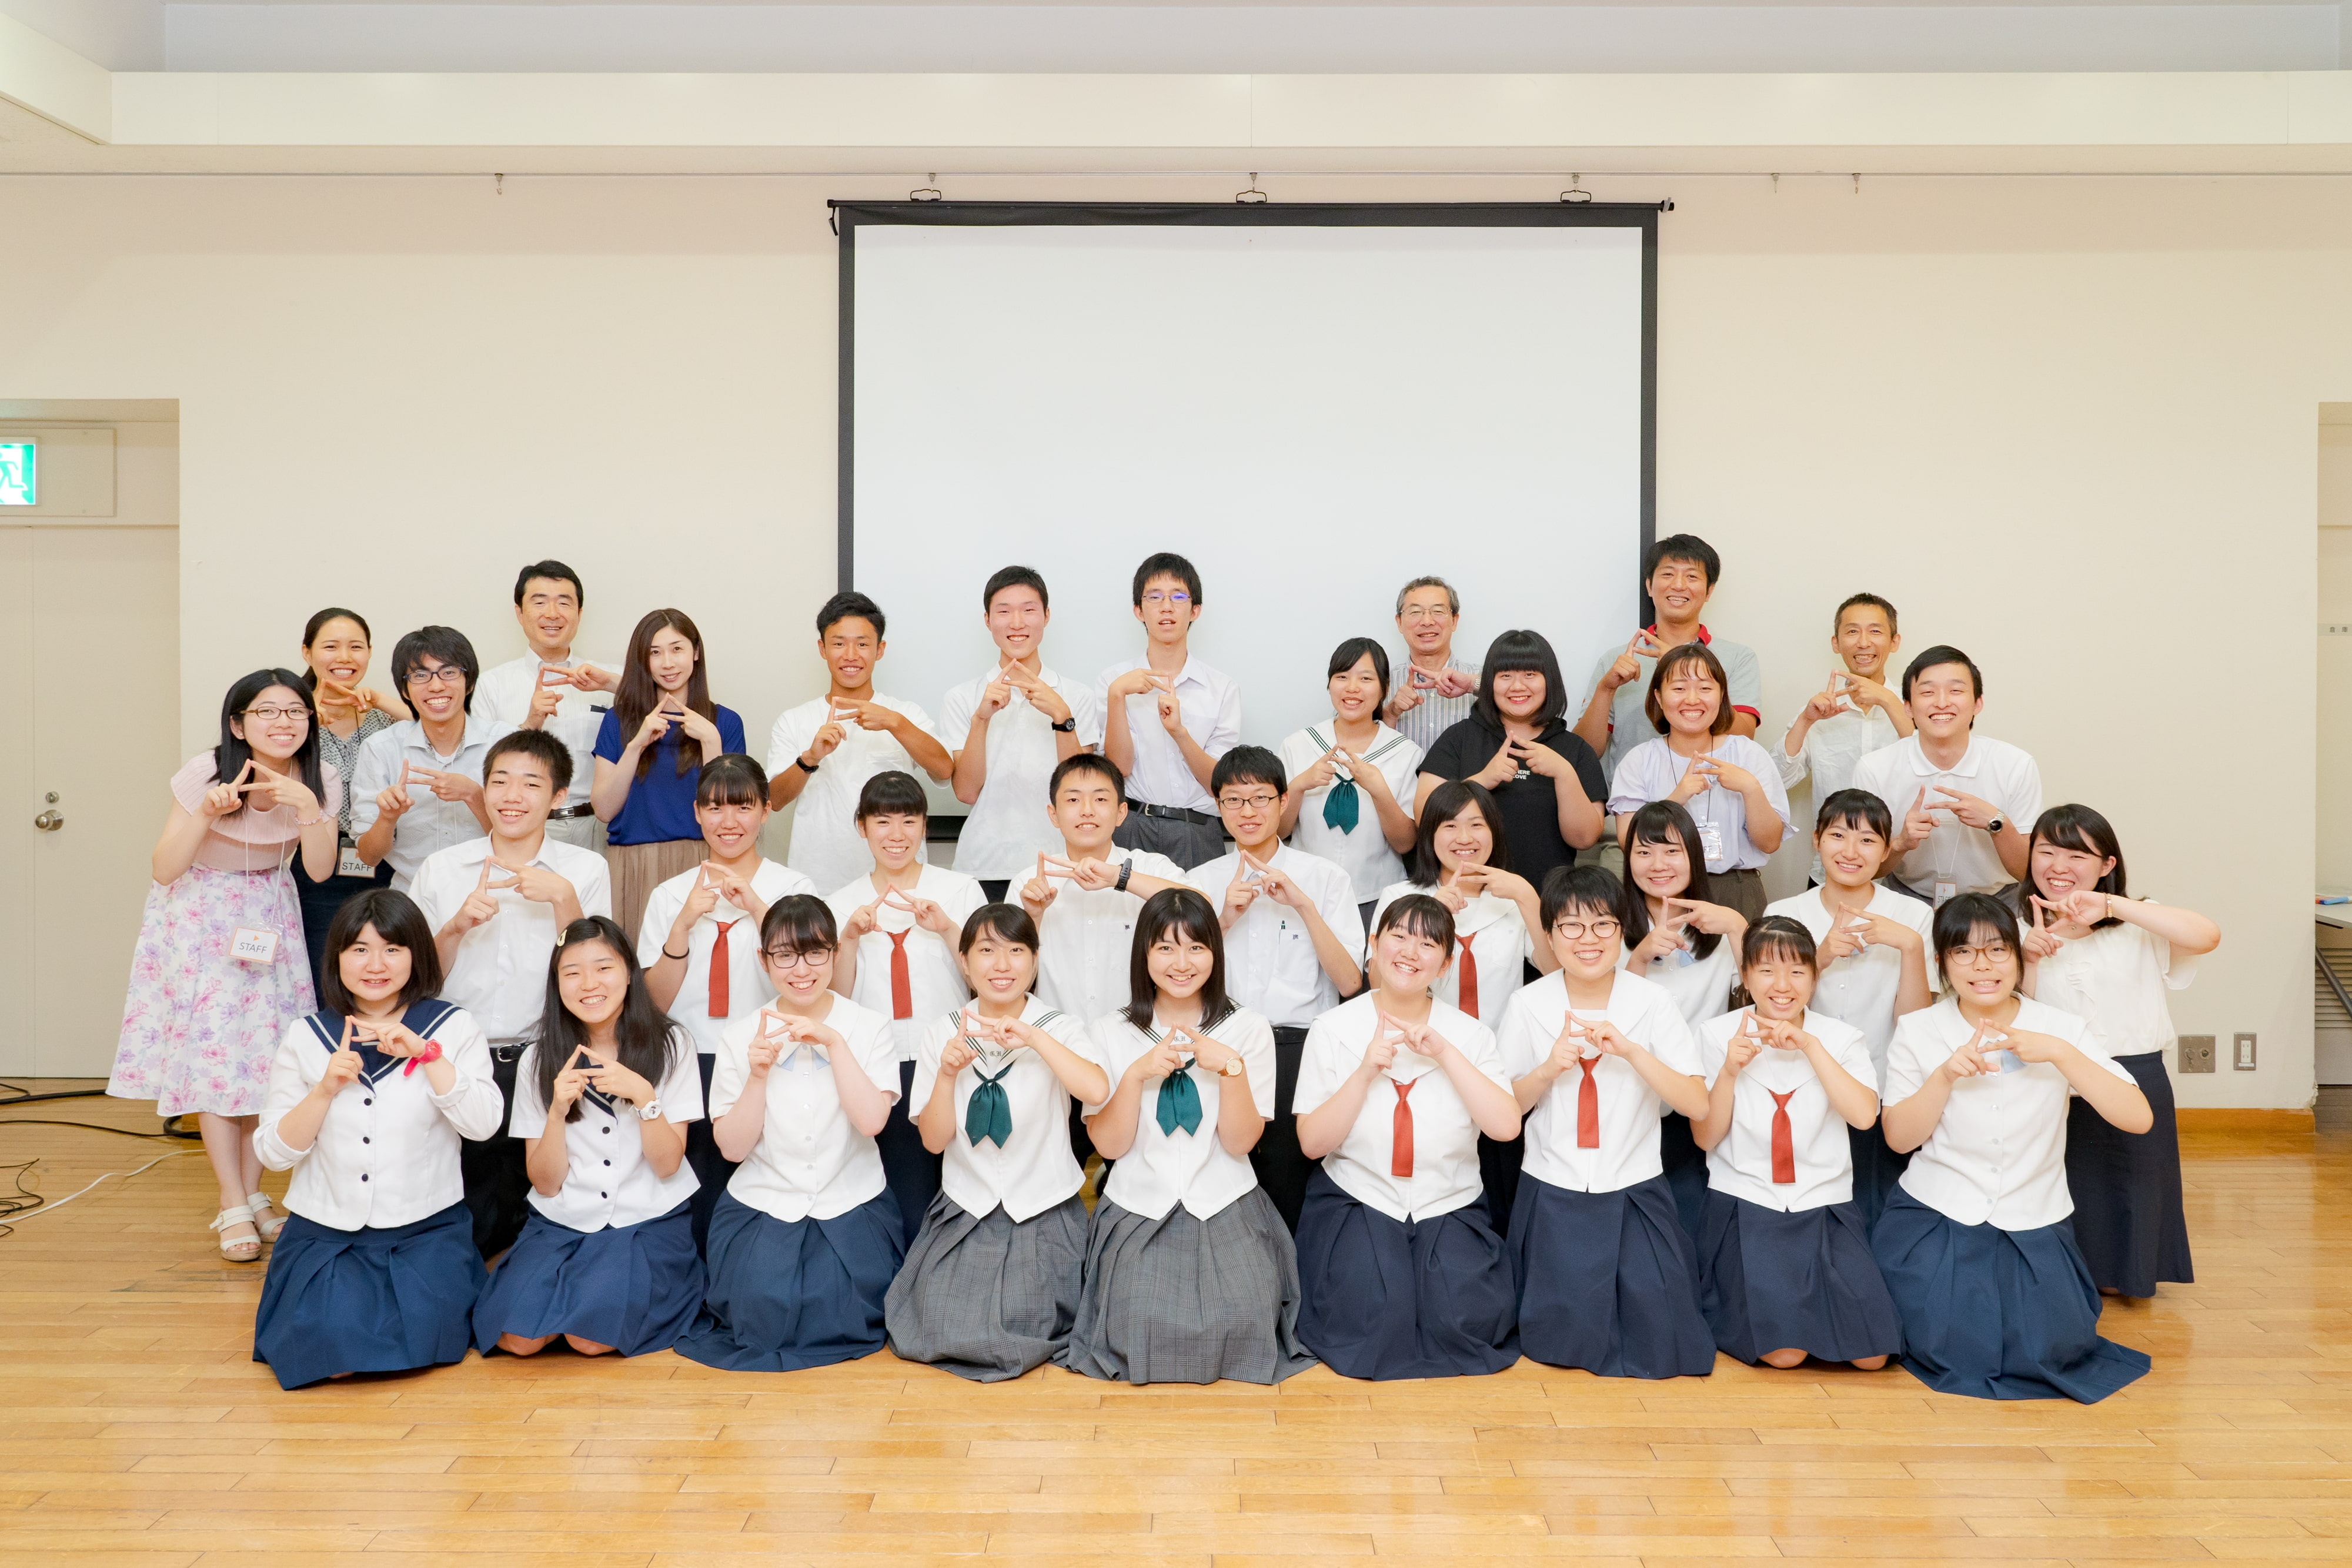 参加した高校生と一緒にスタッフも笑顔の集合写真